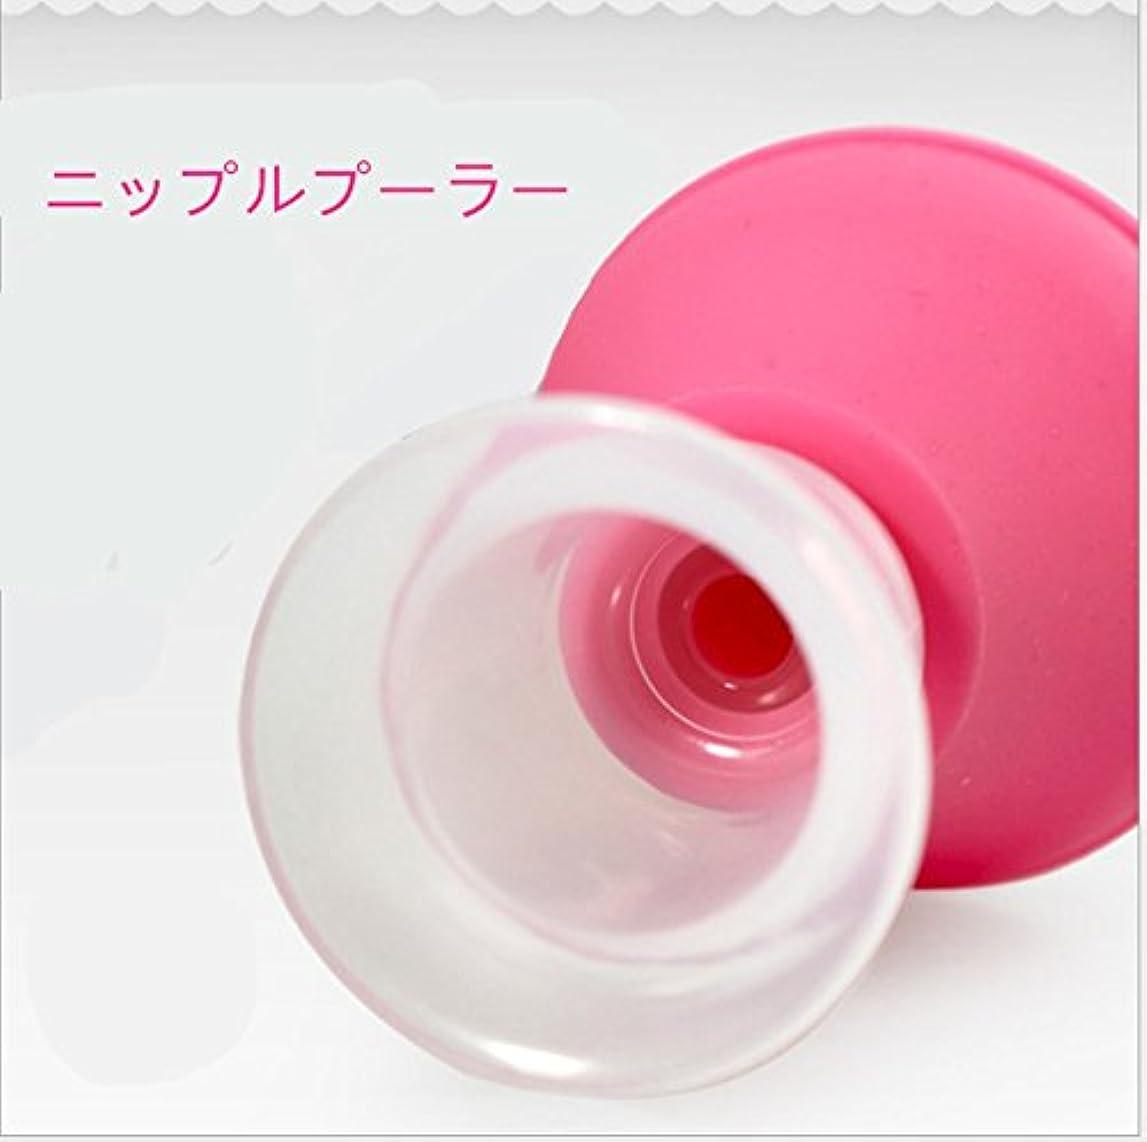 れんがり精通したピジョン 乳頭吸引器 ケース付扁平乳首に乳頭吸引器 母乳育児ケア ランダム色